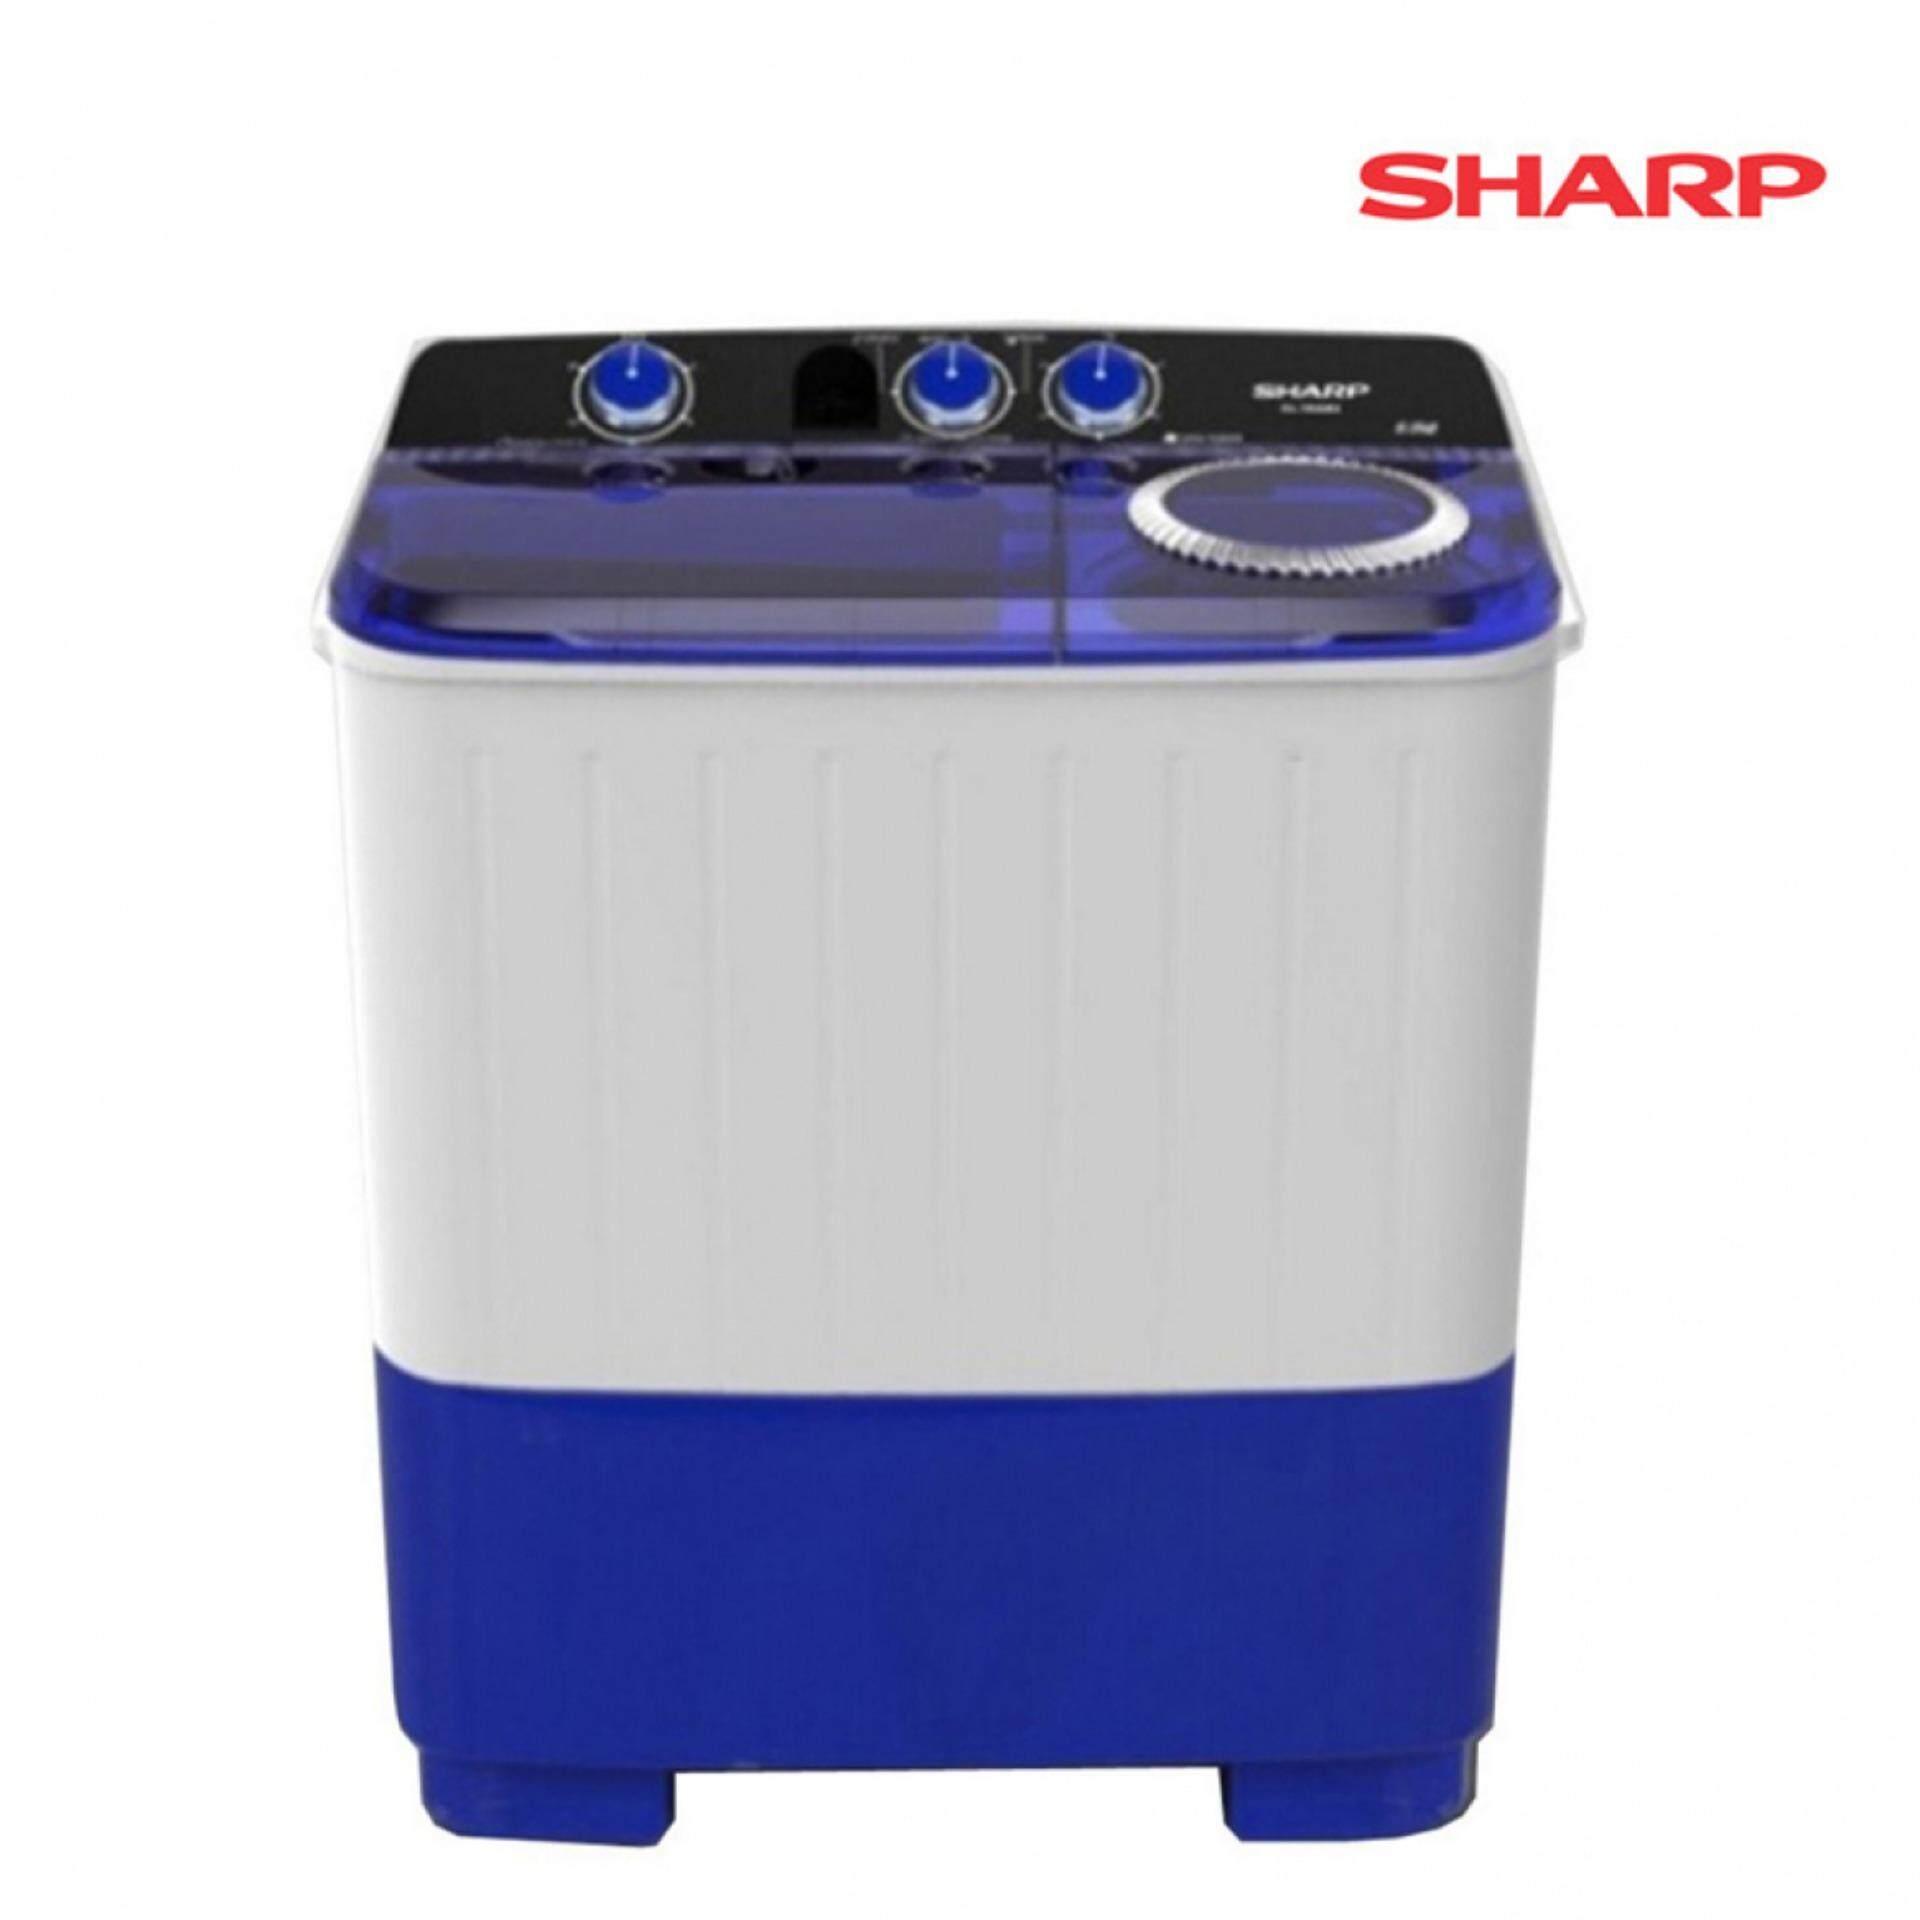 SHARP เครื่องซักผ้า 2 ถัง 7KG รุ่น ES-TW70BL รับประกันมอเตอร์ 10 ปี (1 เครื่อง/1ออเดอร์)